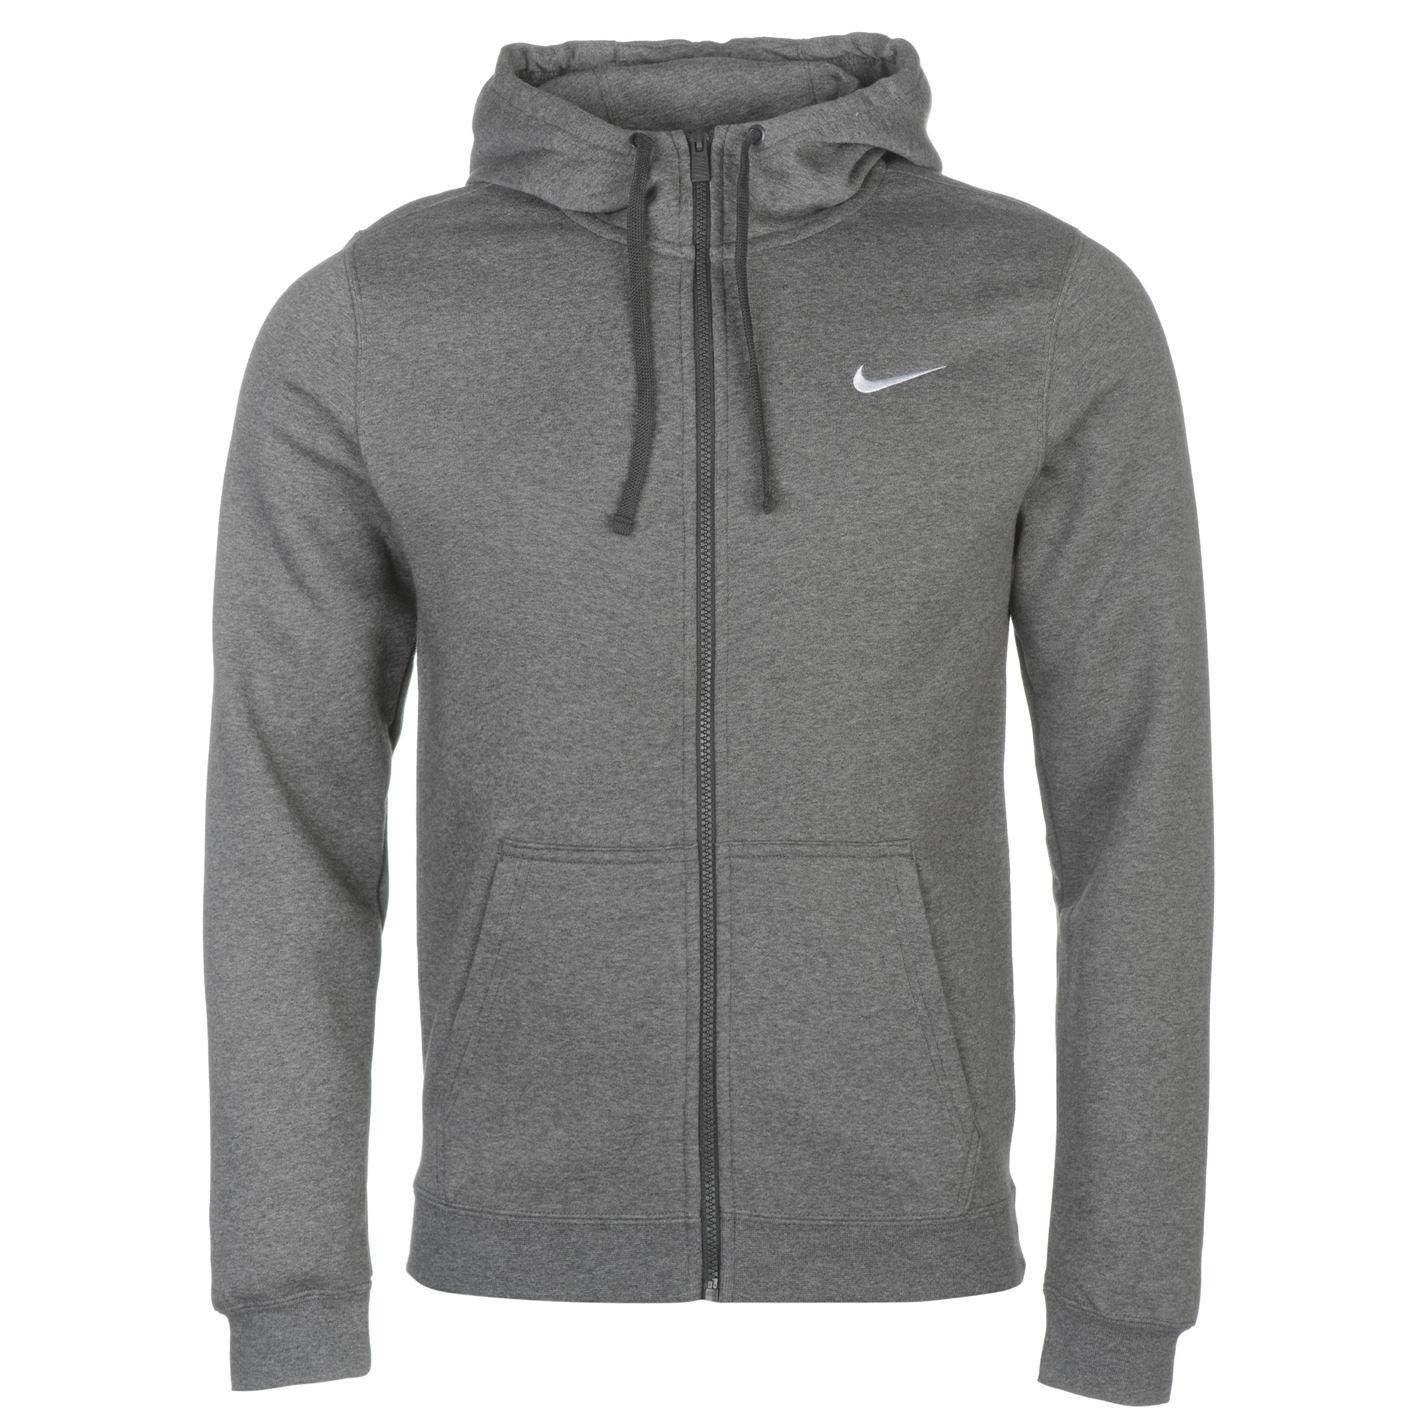 Nike-Fundamentals-Full-Zip-Hoody-Jacket-Mens-Hoodie-Sweatshirt-Sweater-Top thumbnail 14